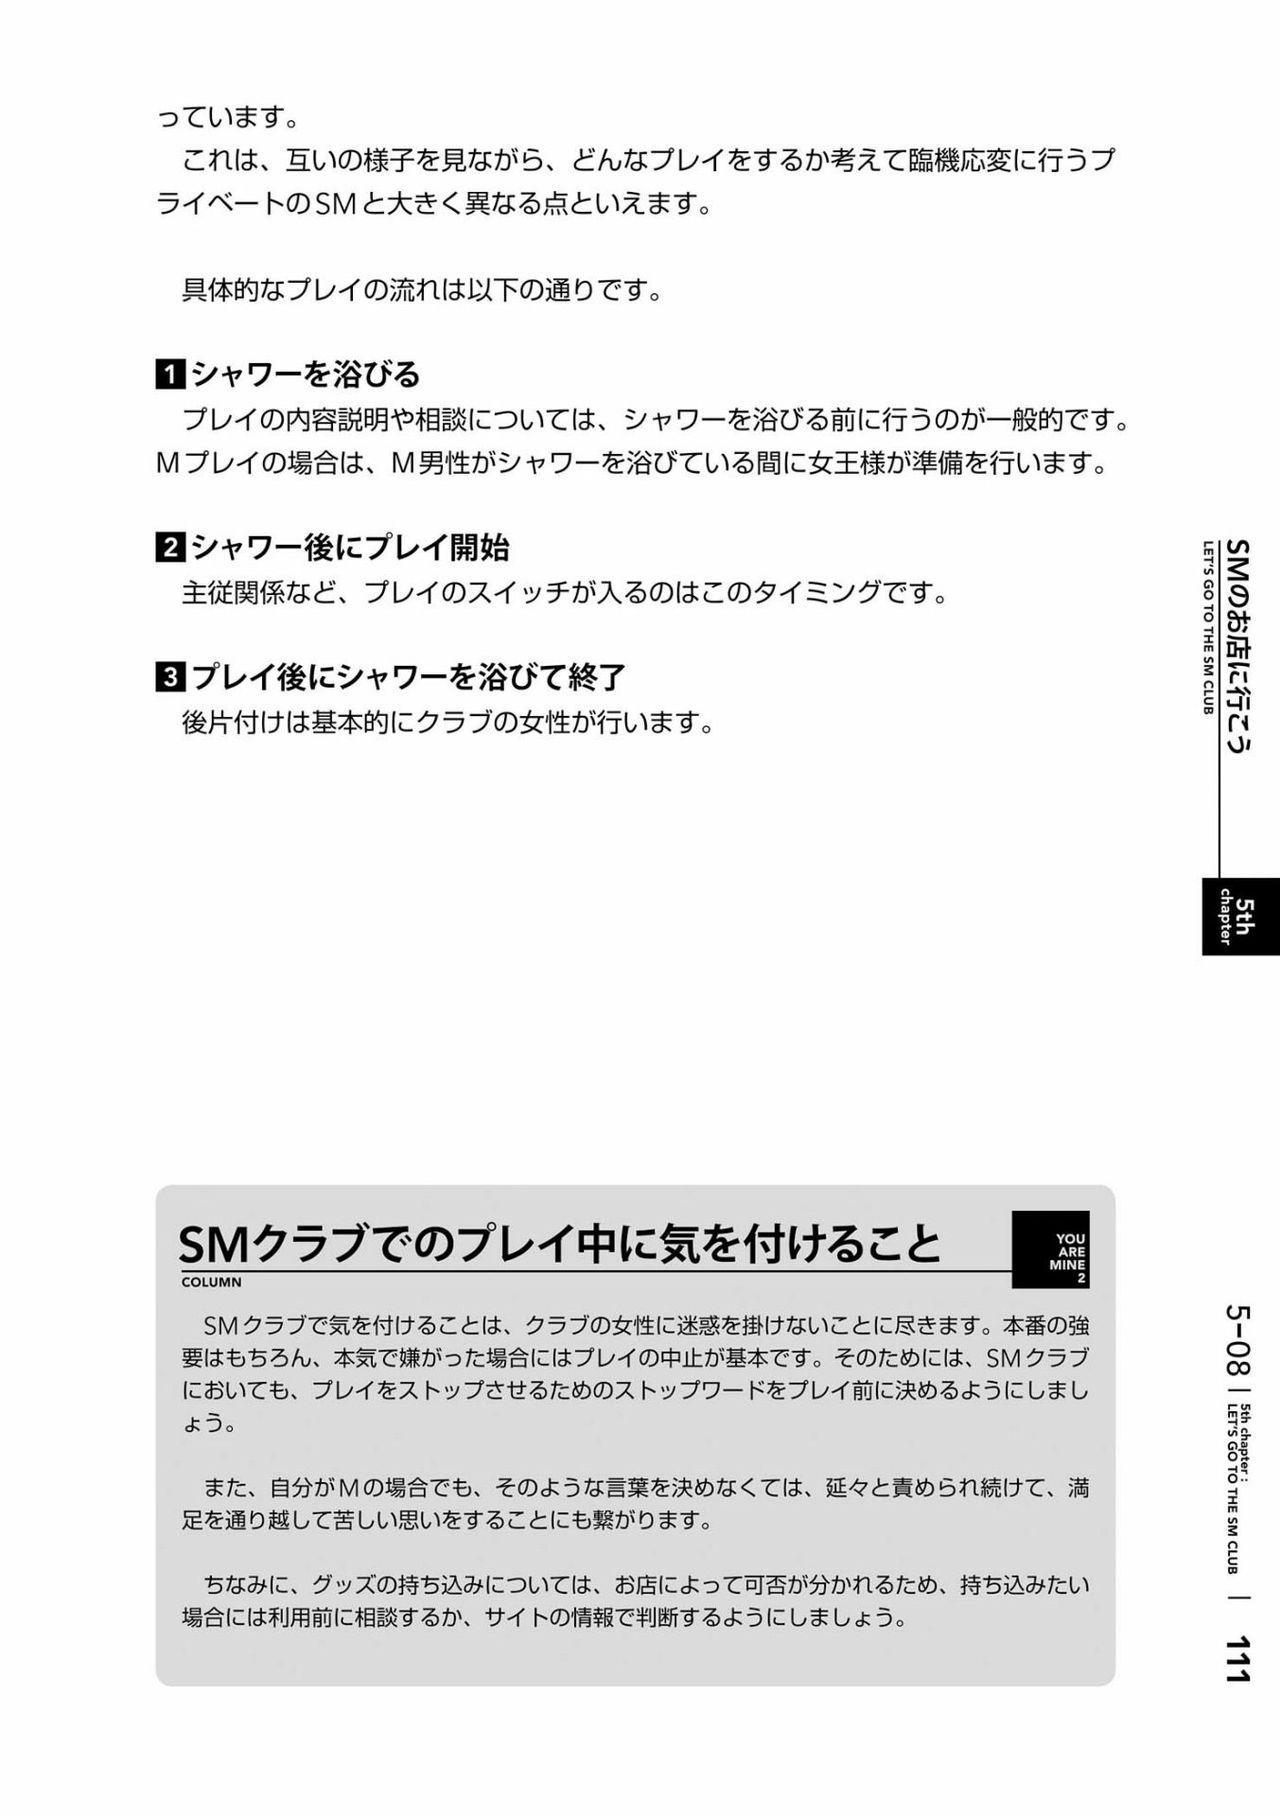 [Mitsuba] Karada mo Kokoro mo Boku no Mono ~Hajimete no SM Guide~ 2 [Digital] 113